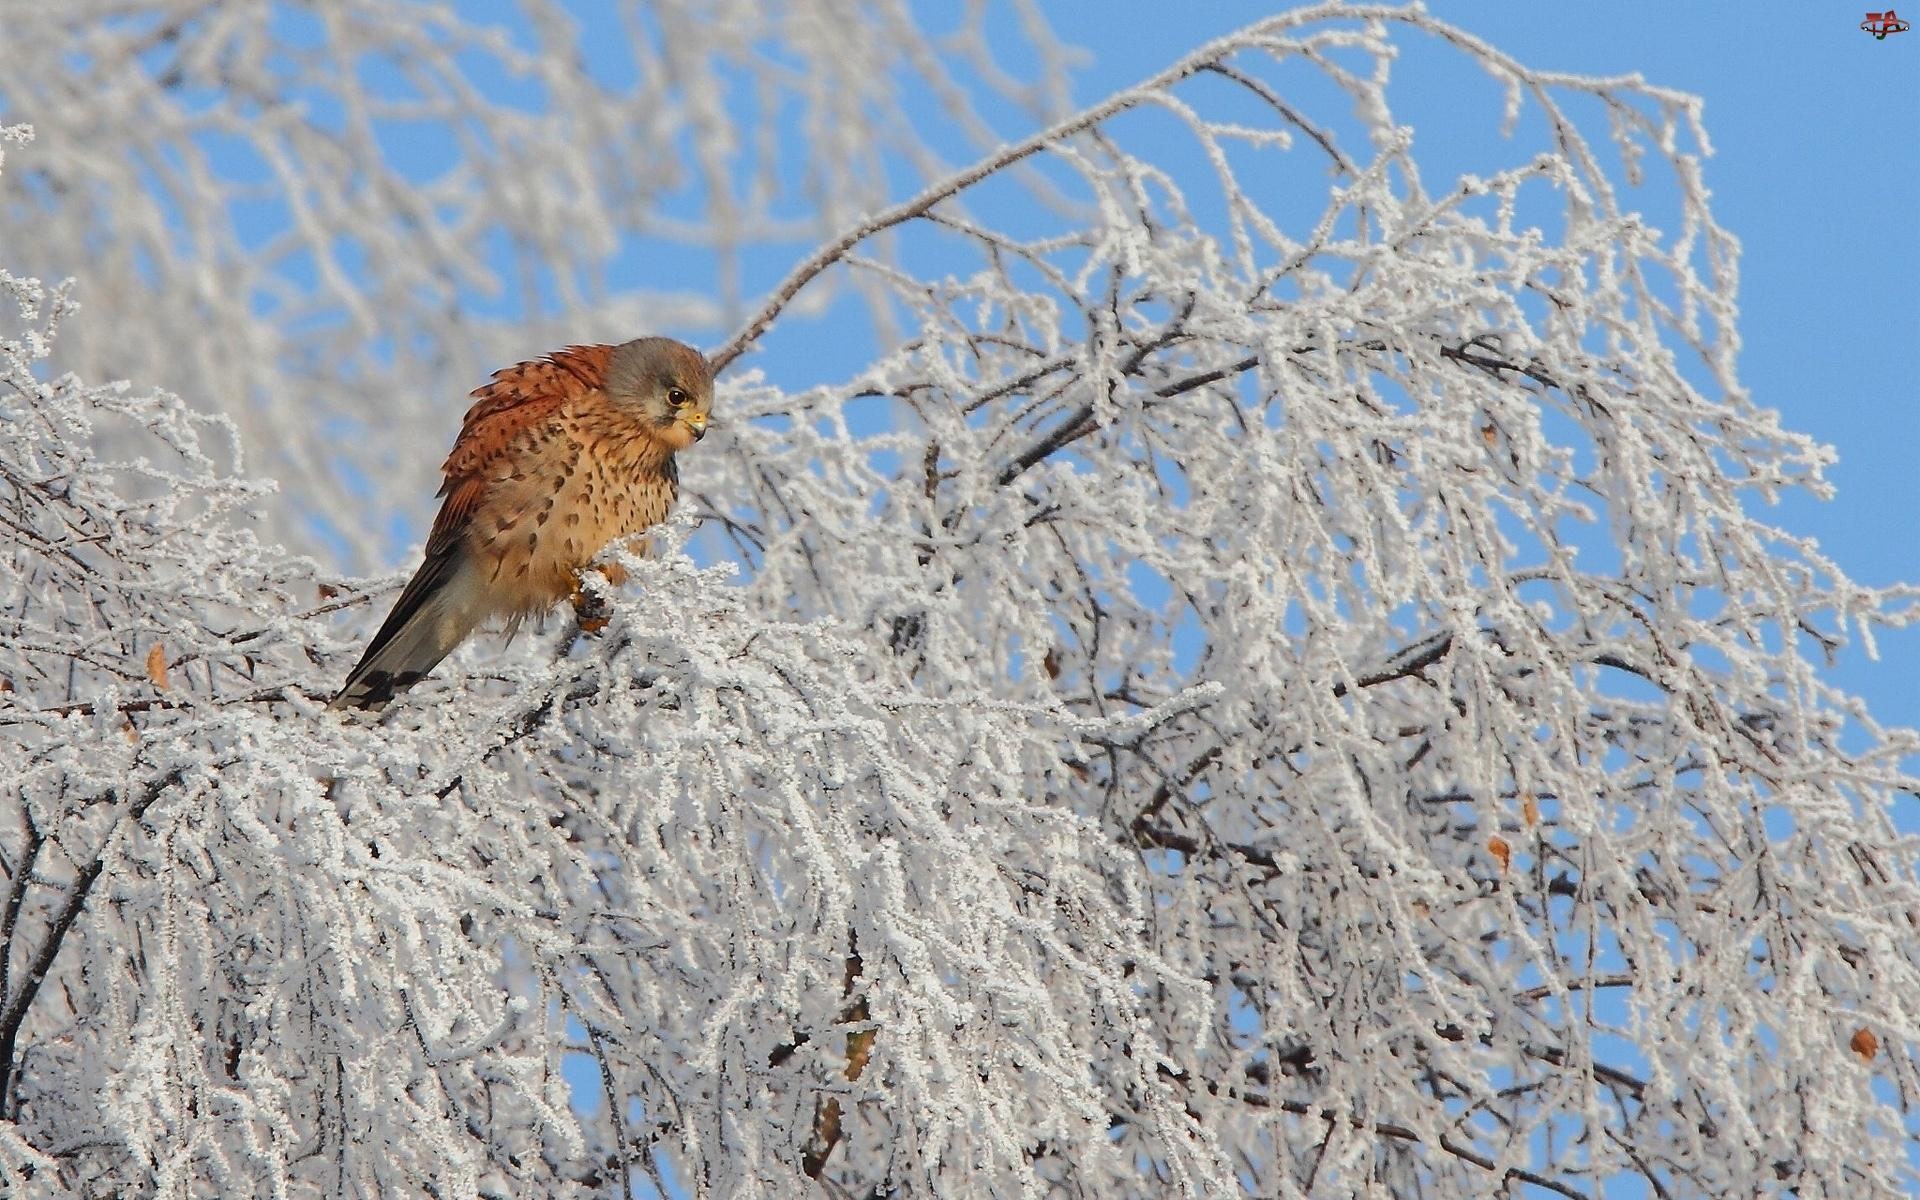 Ptak, Drzewo, Pustułka, Zima